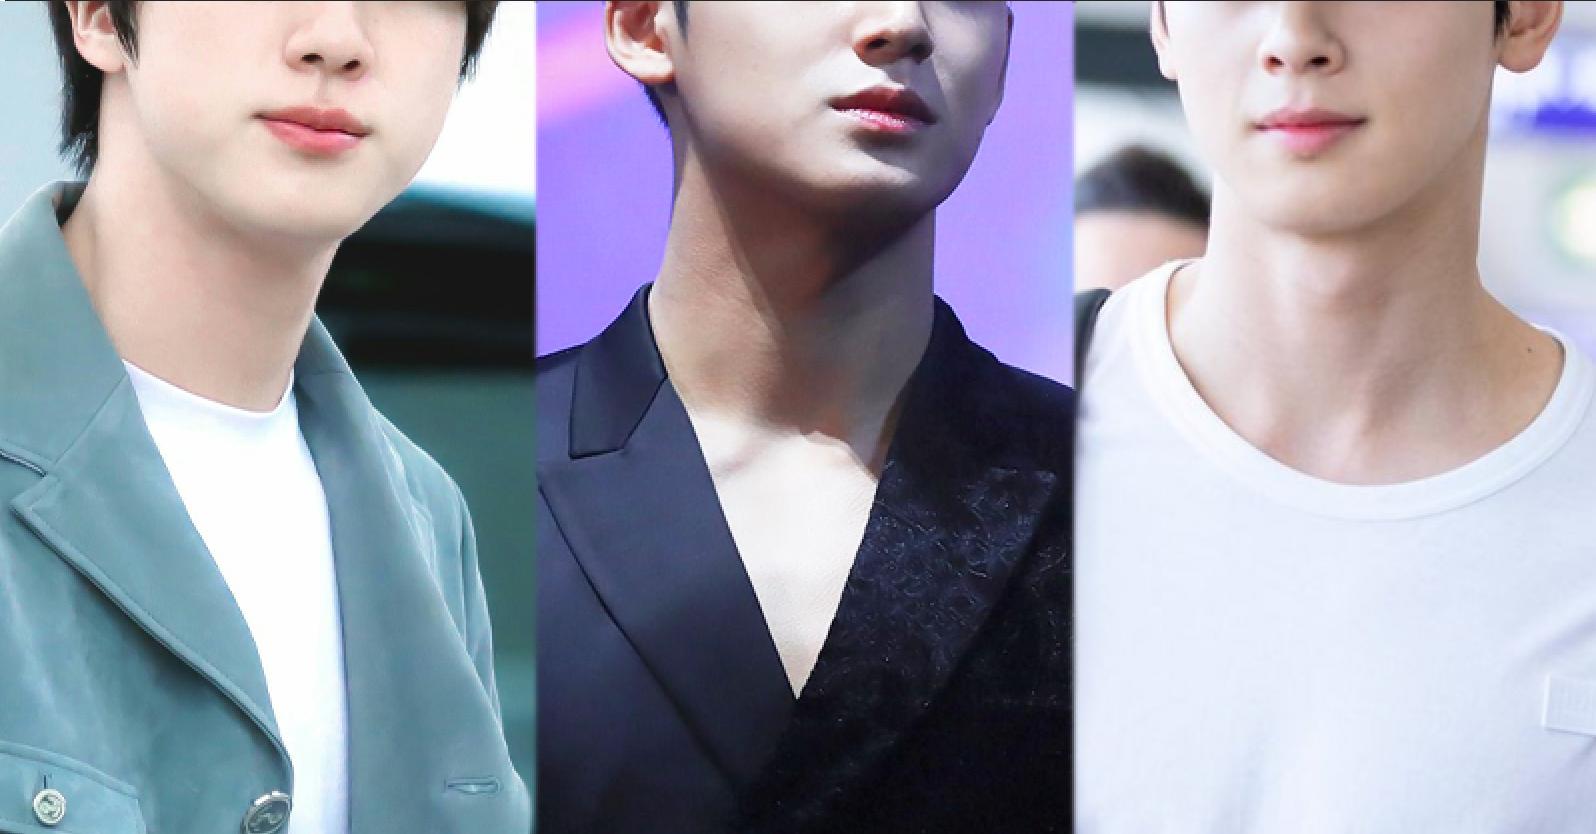 Top 10 Most Handsome K-pop Idols 2021